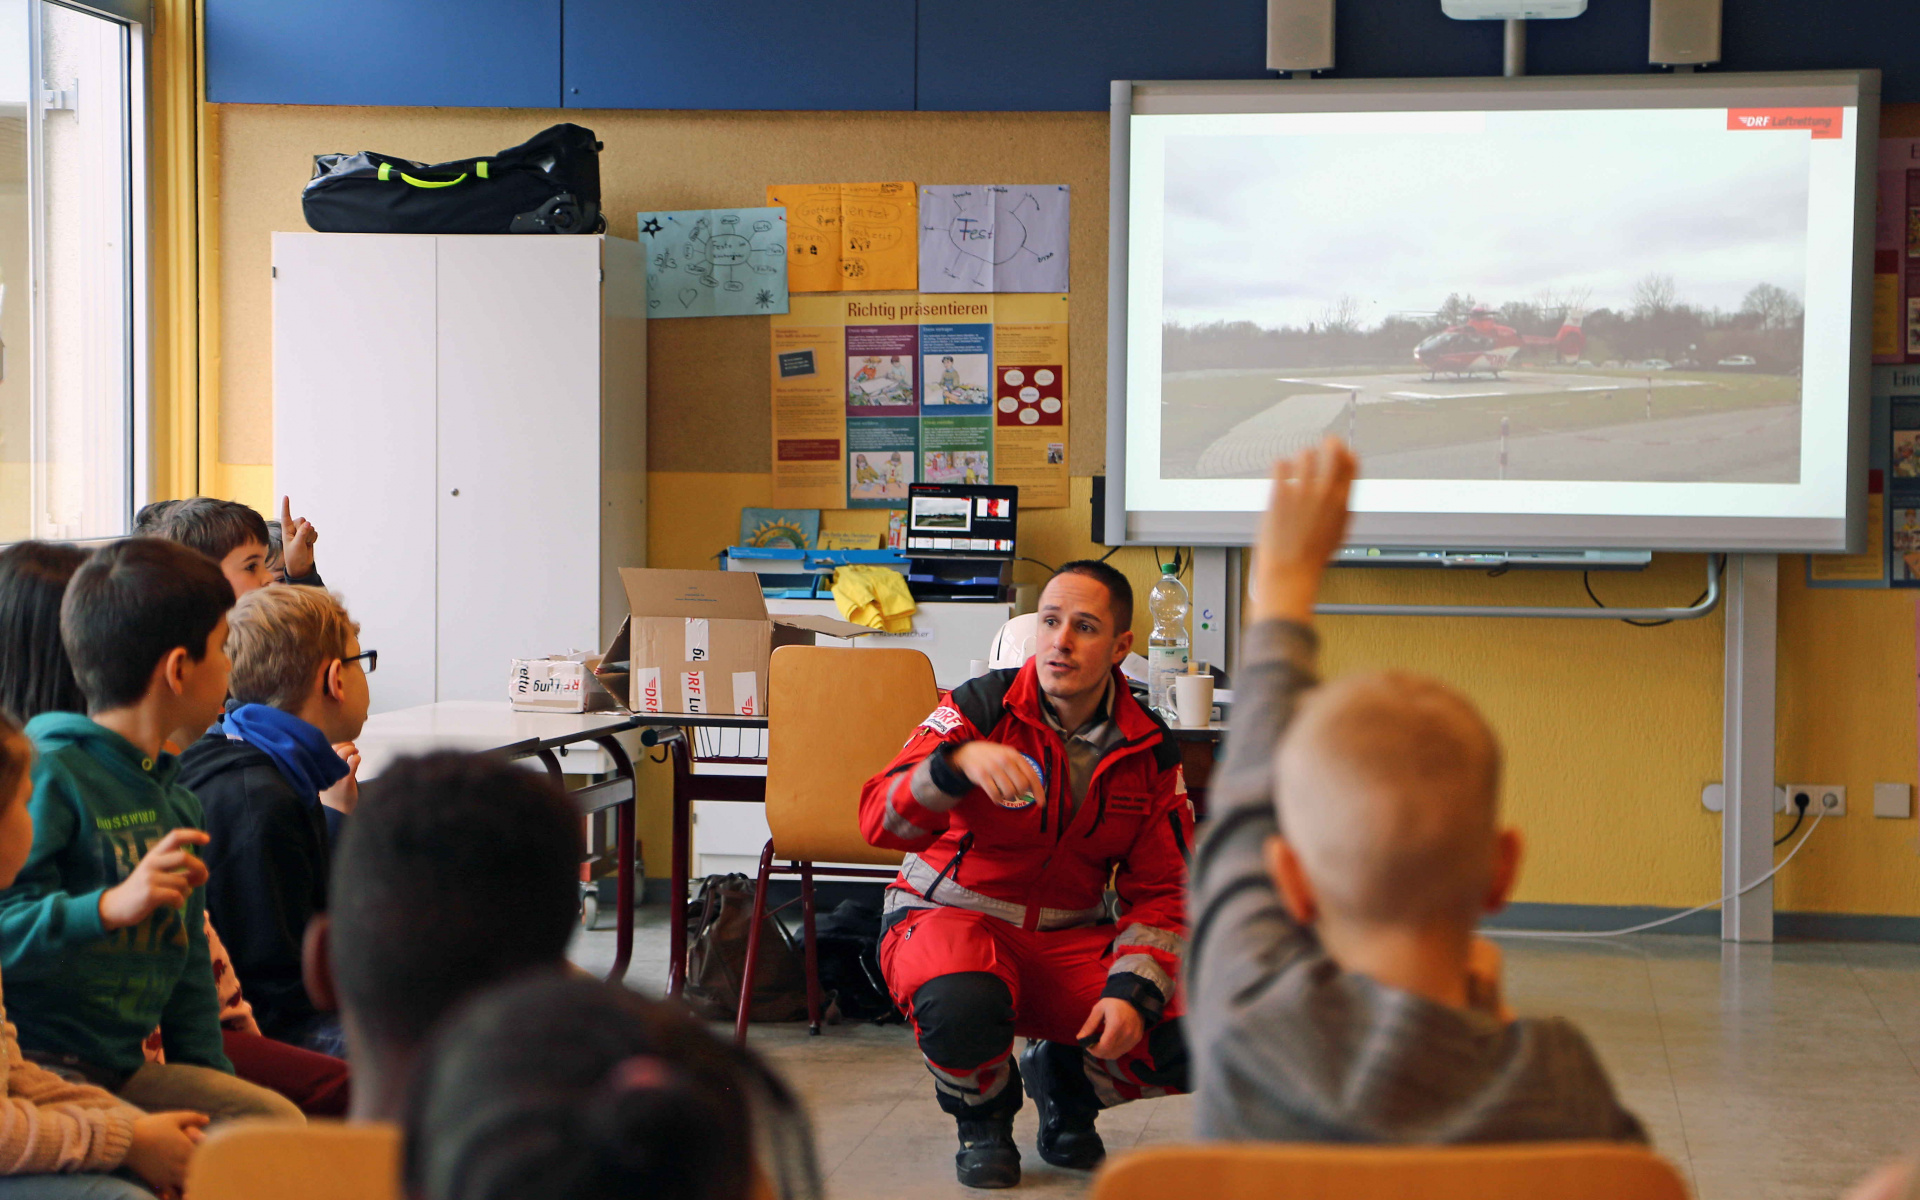 Die Arbeit der Luftretter faszinierte die Kinder sehr und Sebastian Geißert konnte ihre vielen Fragen ausführlich beantworten. Foto: Jana Brunck